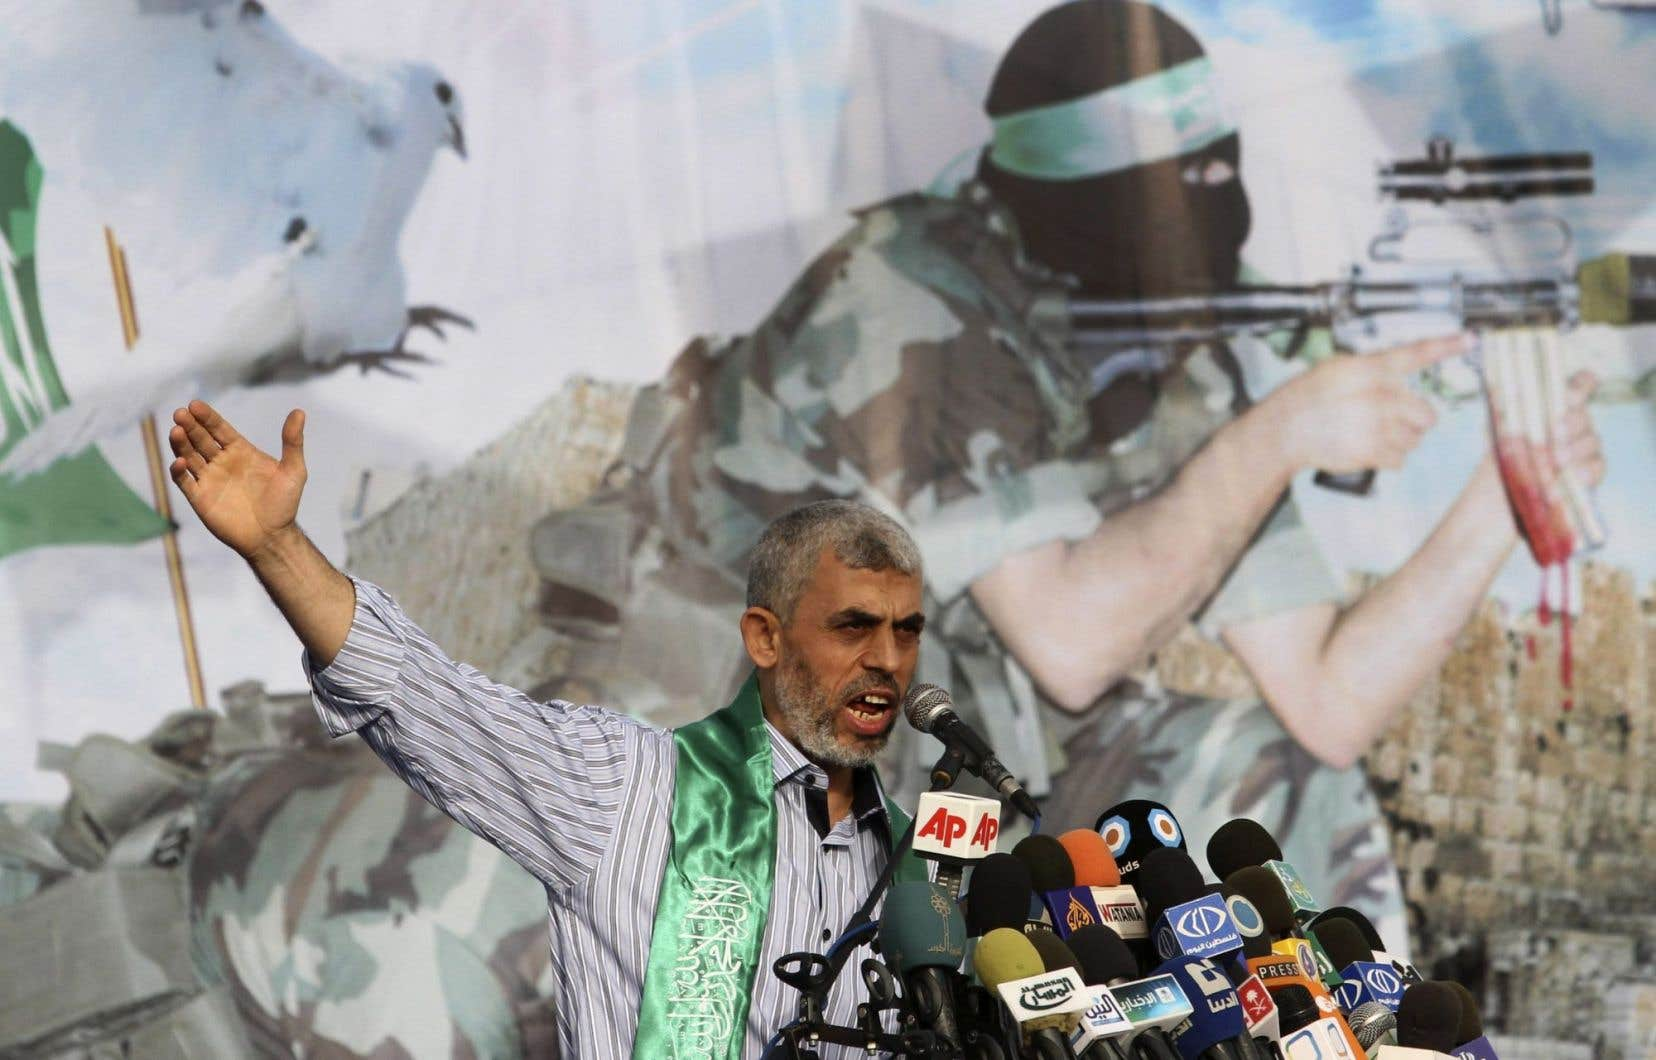 L'élection de Yahya Sinouar reflète une militarisation de la direction du Hamas, disent les experts.